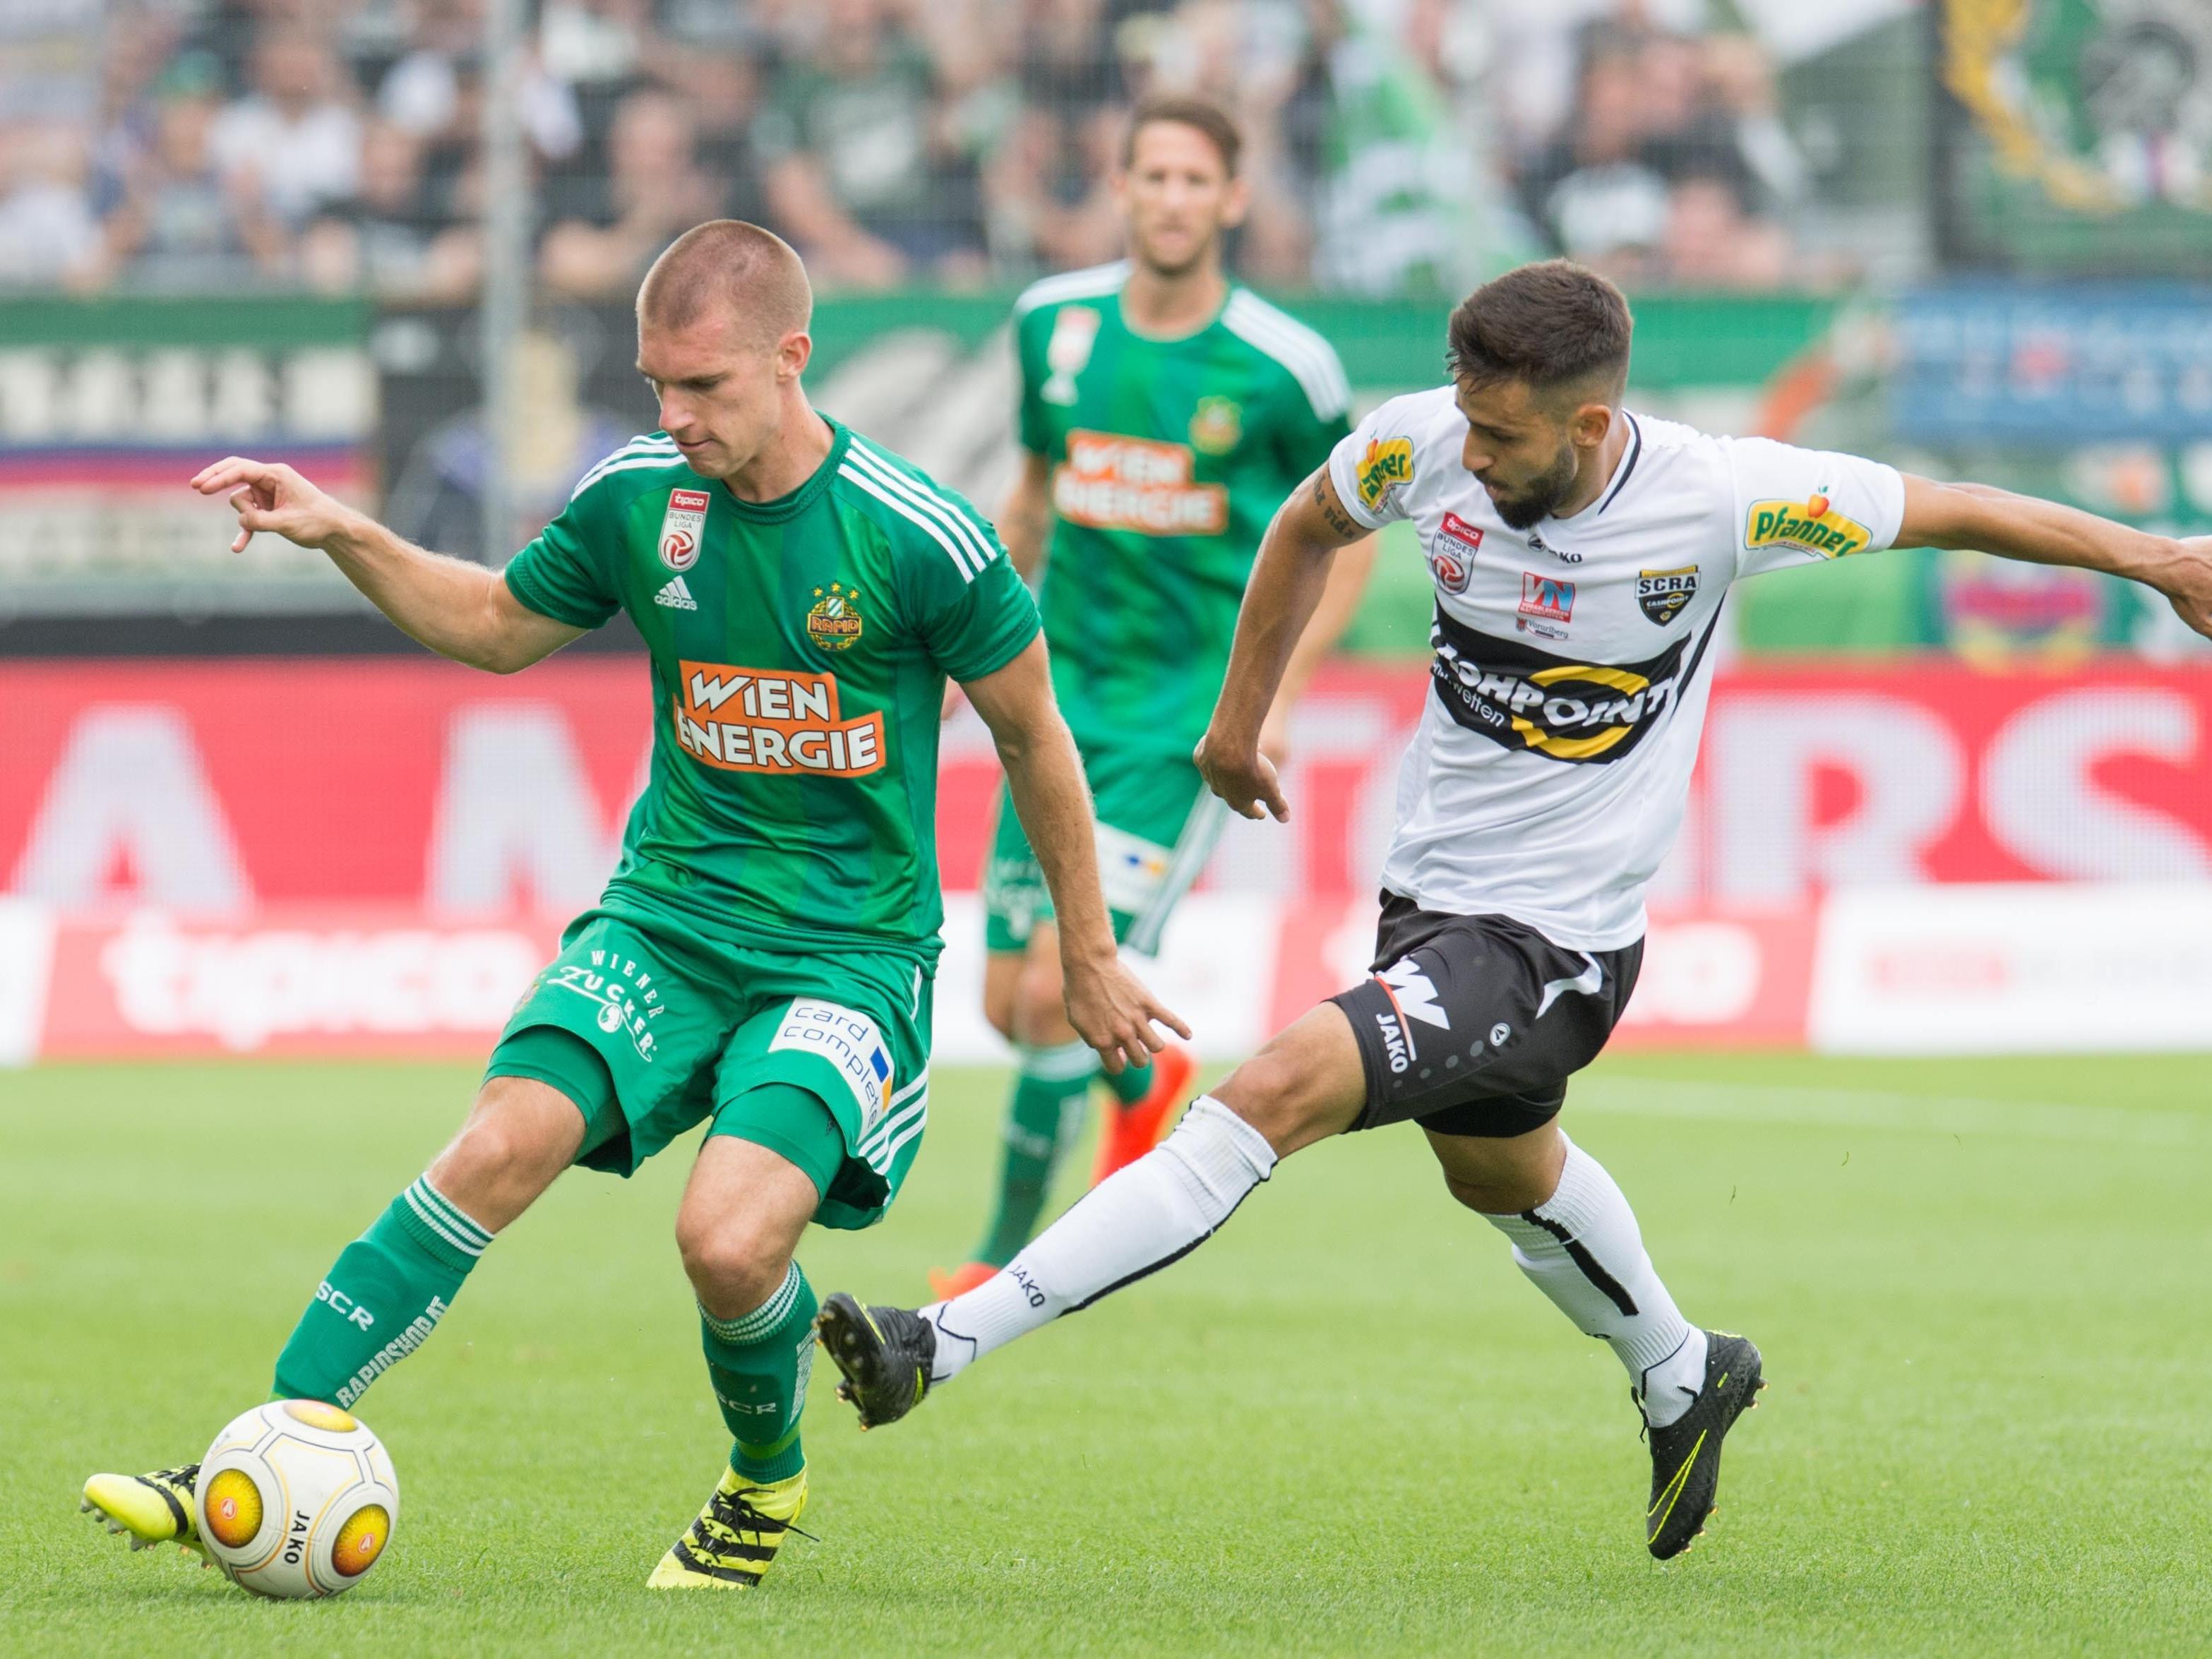 Altach feierte gegen Rapid einen verdienten 1:0-Sieg.